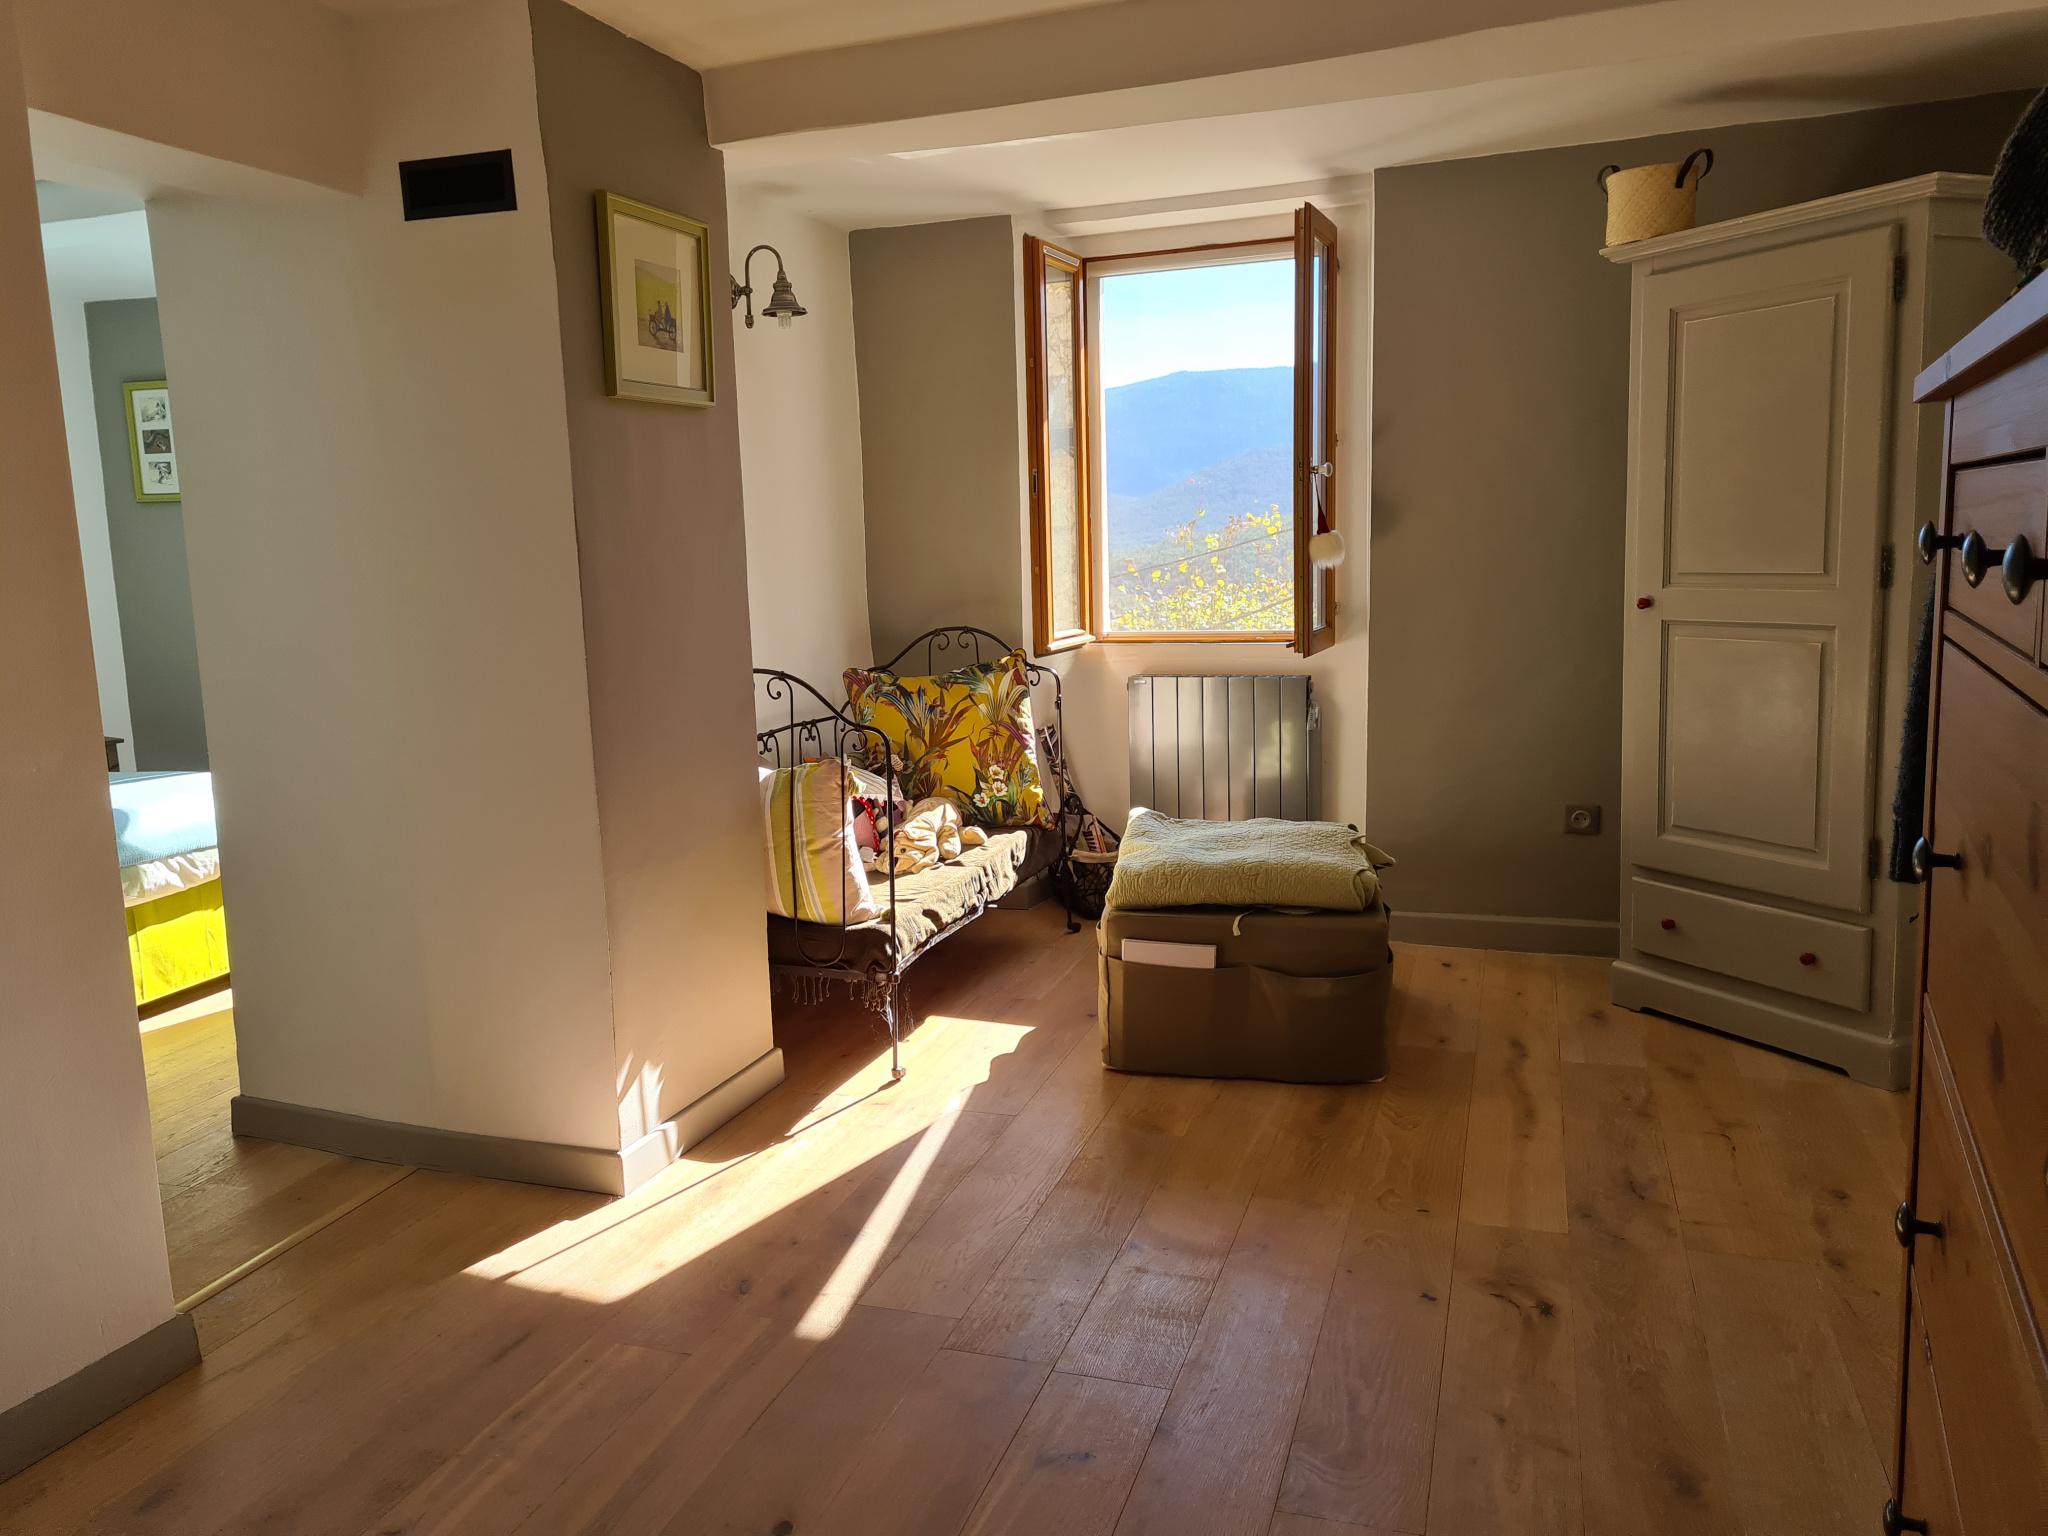 Niveau 2 aile gauche : suite parentale espace dressing/bureau ou possibilité 4e chambre en enfilade